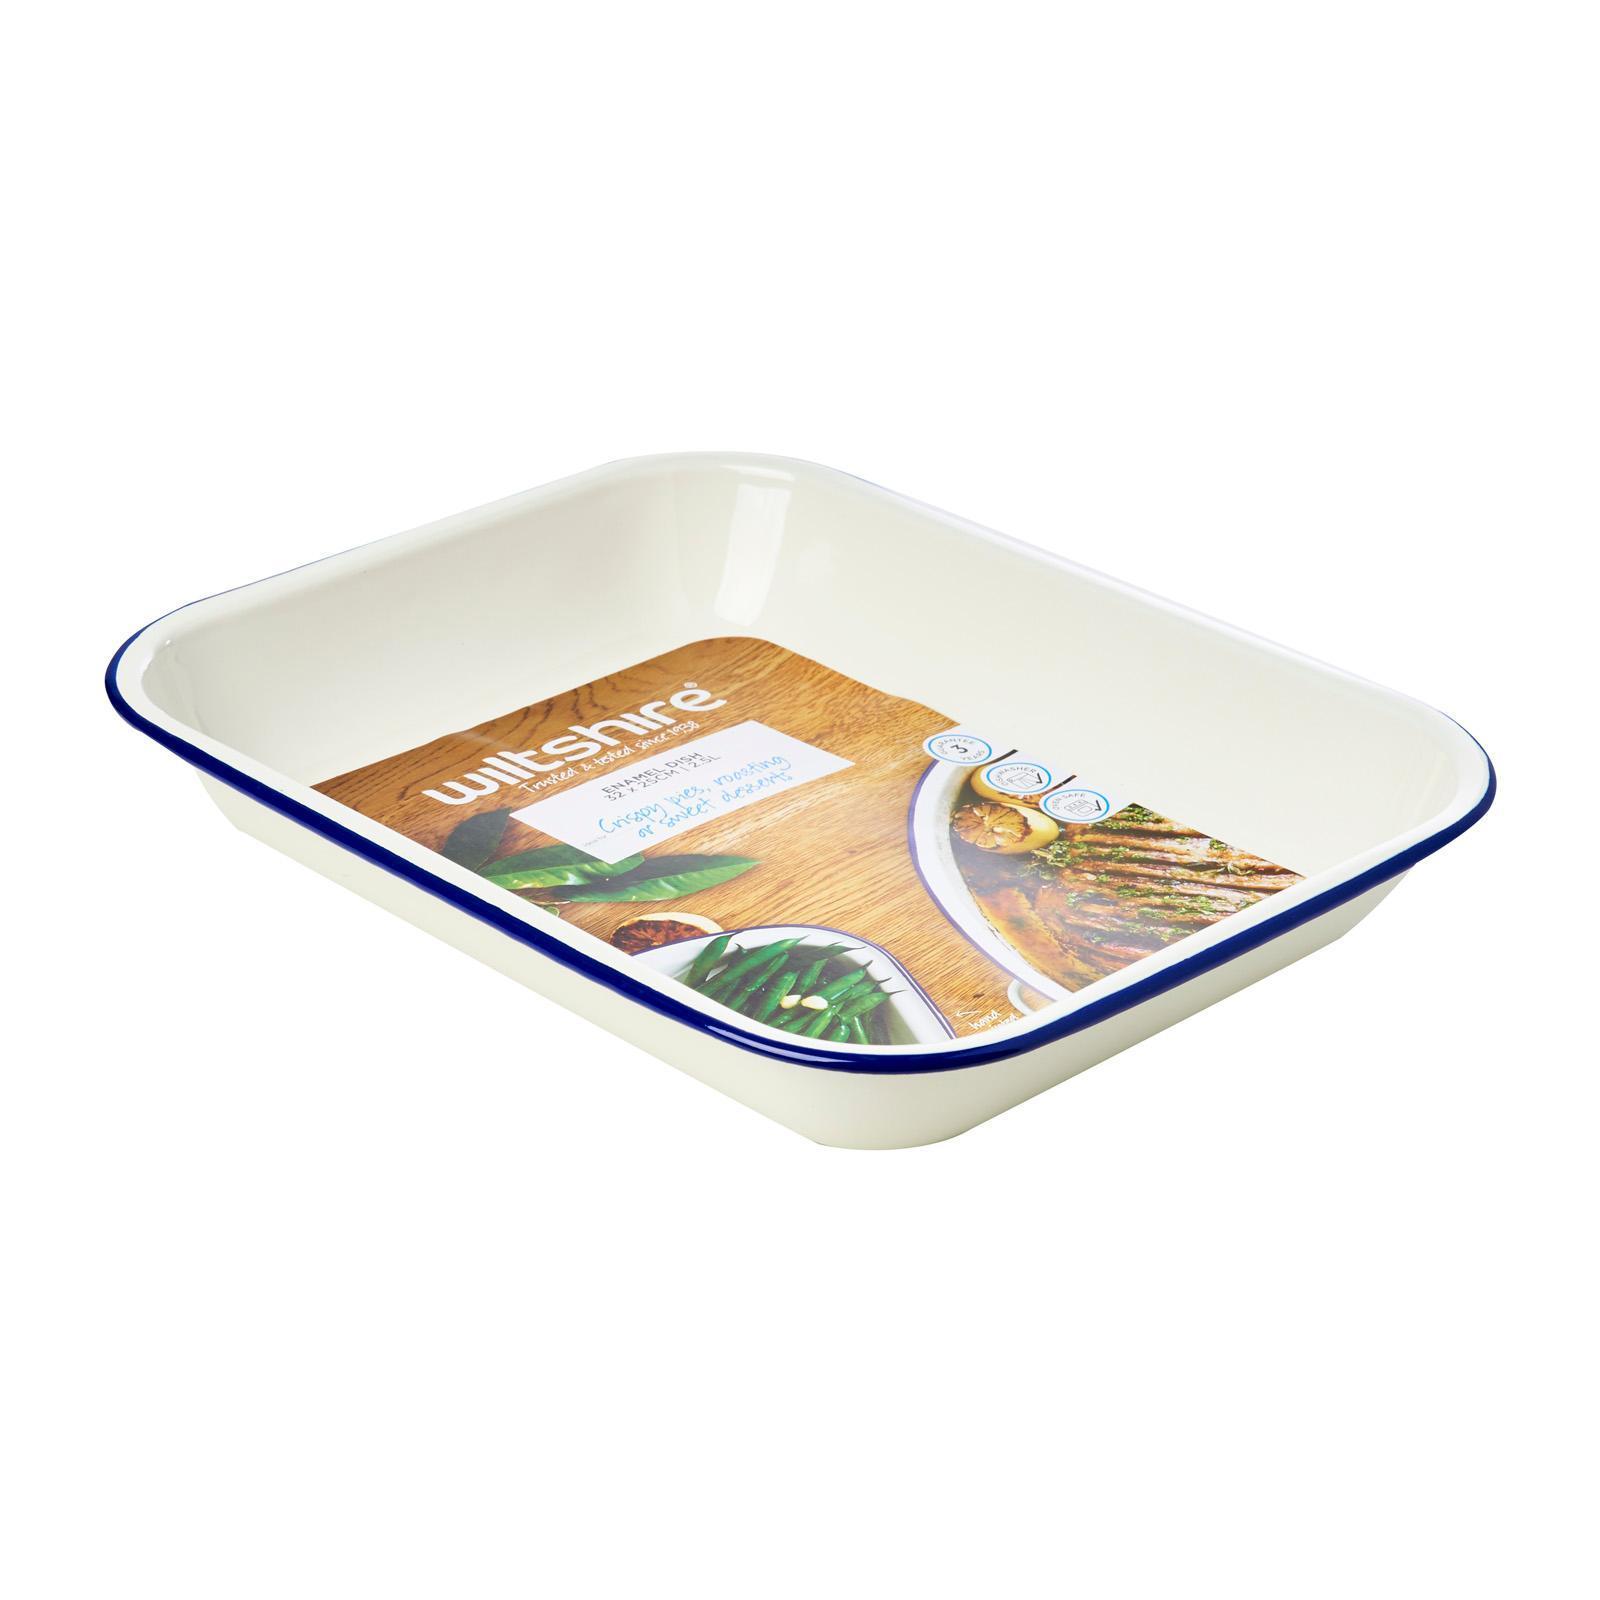 Wiltshire Large Enamel Baking Dish 34cm